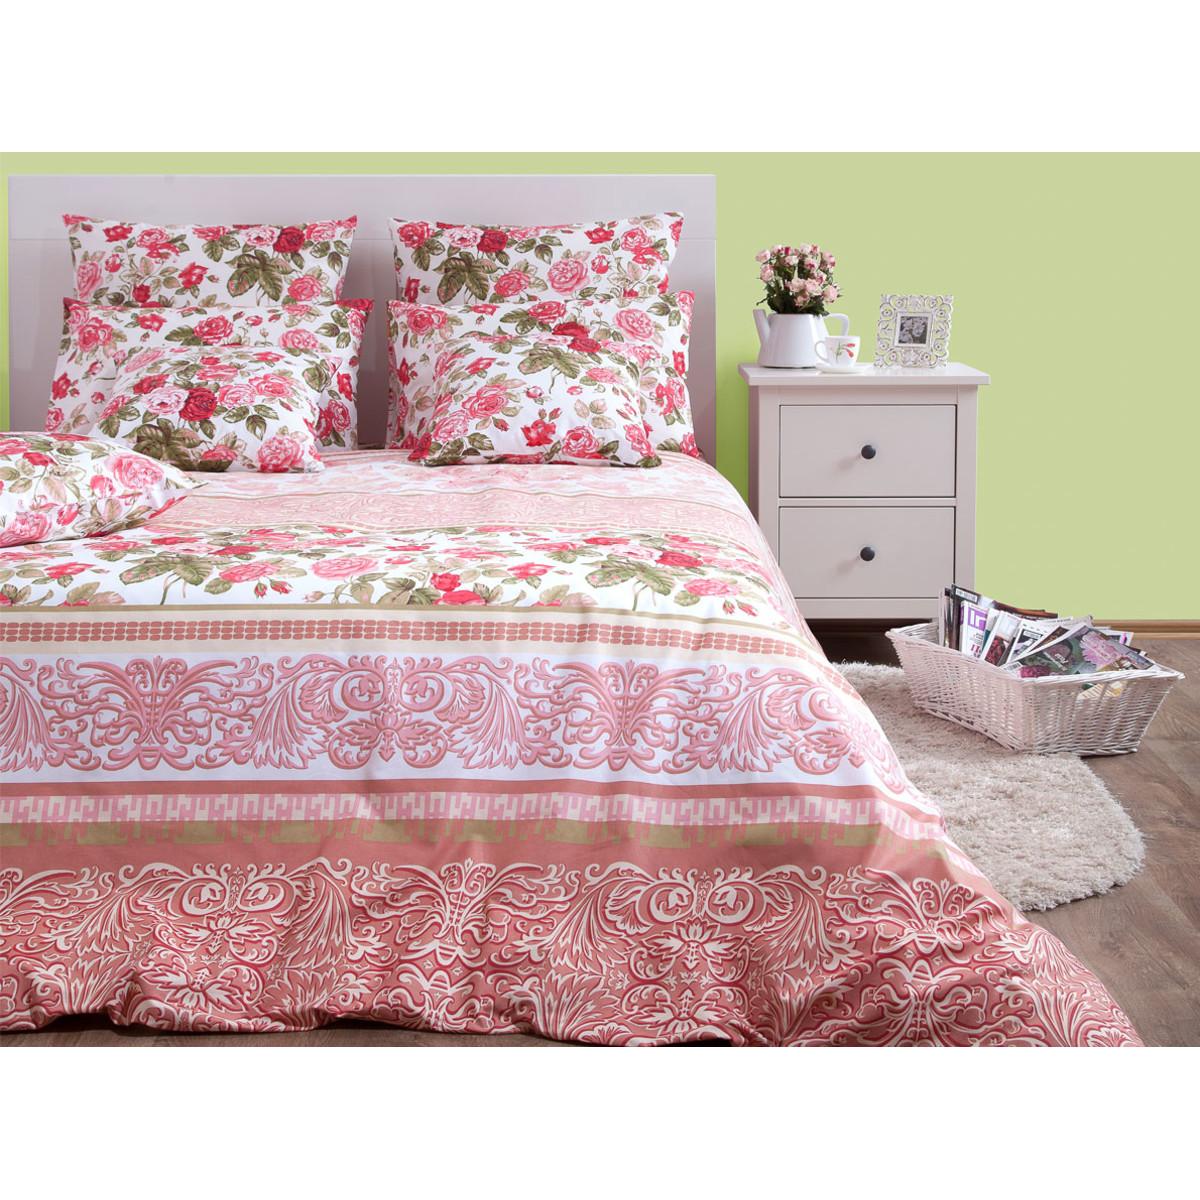 Комплект постельного белья Букет двуспальный бязь 50x70 см